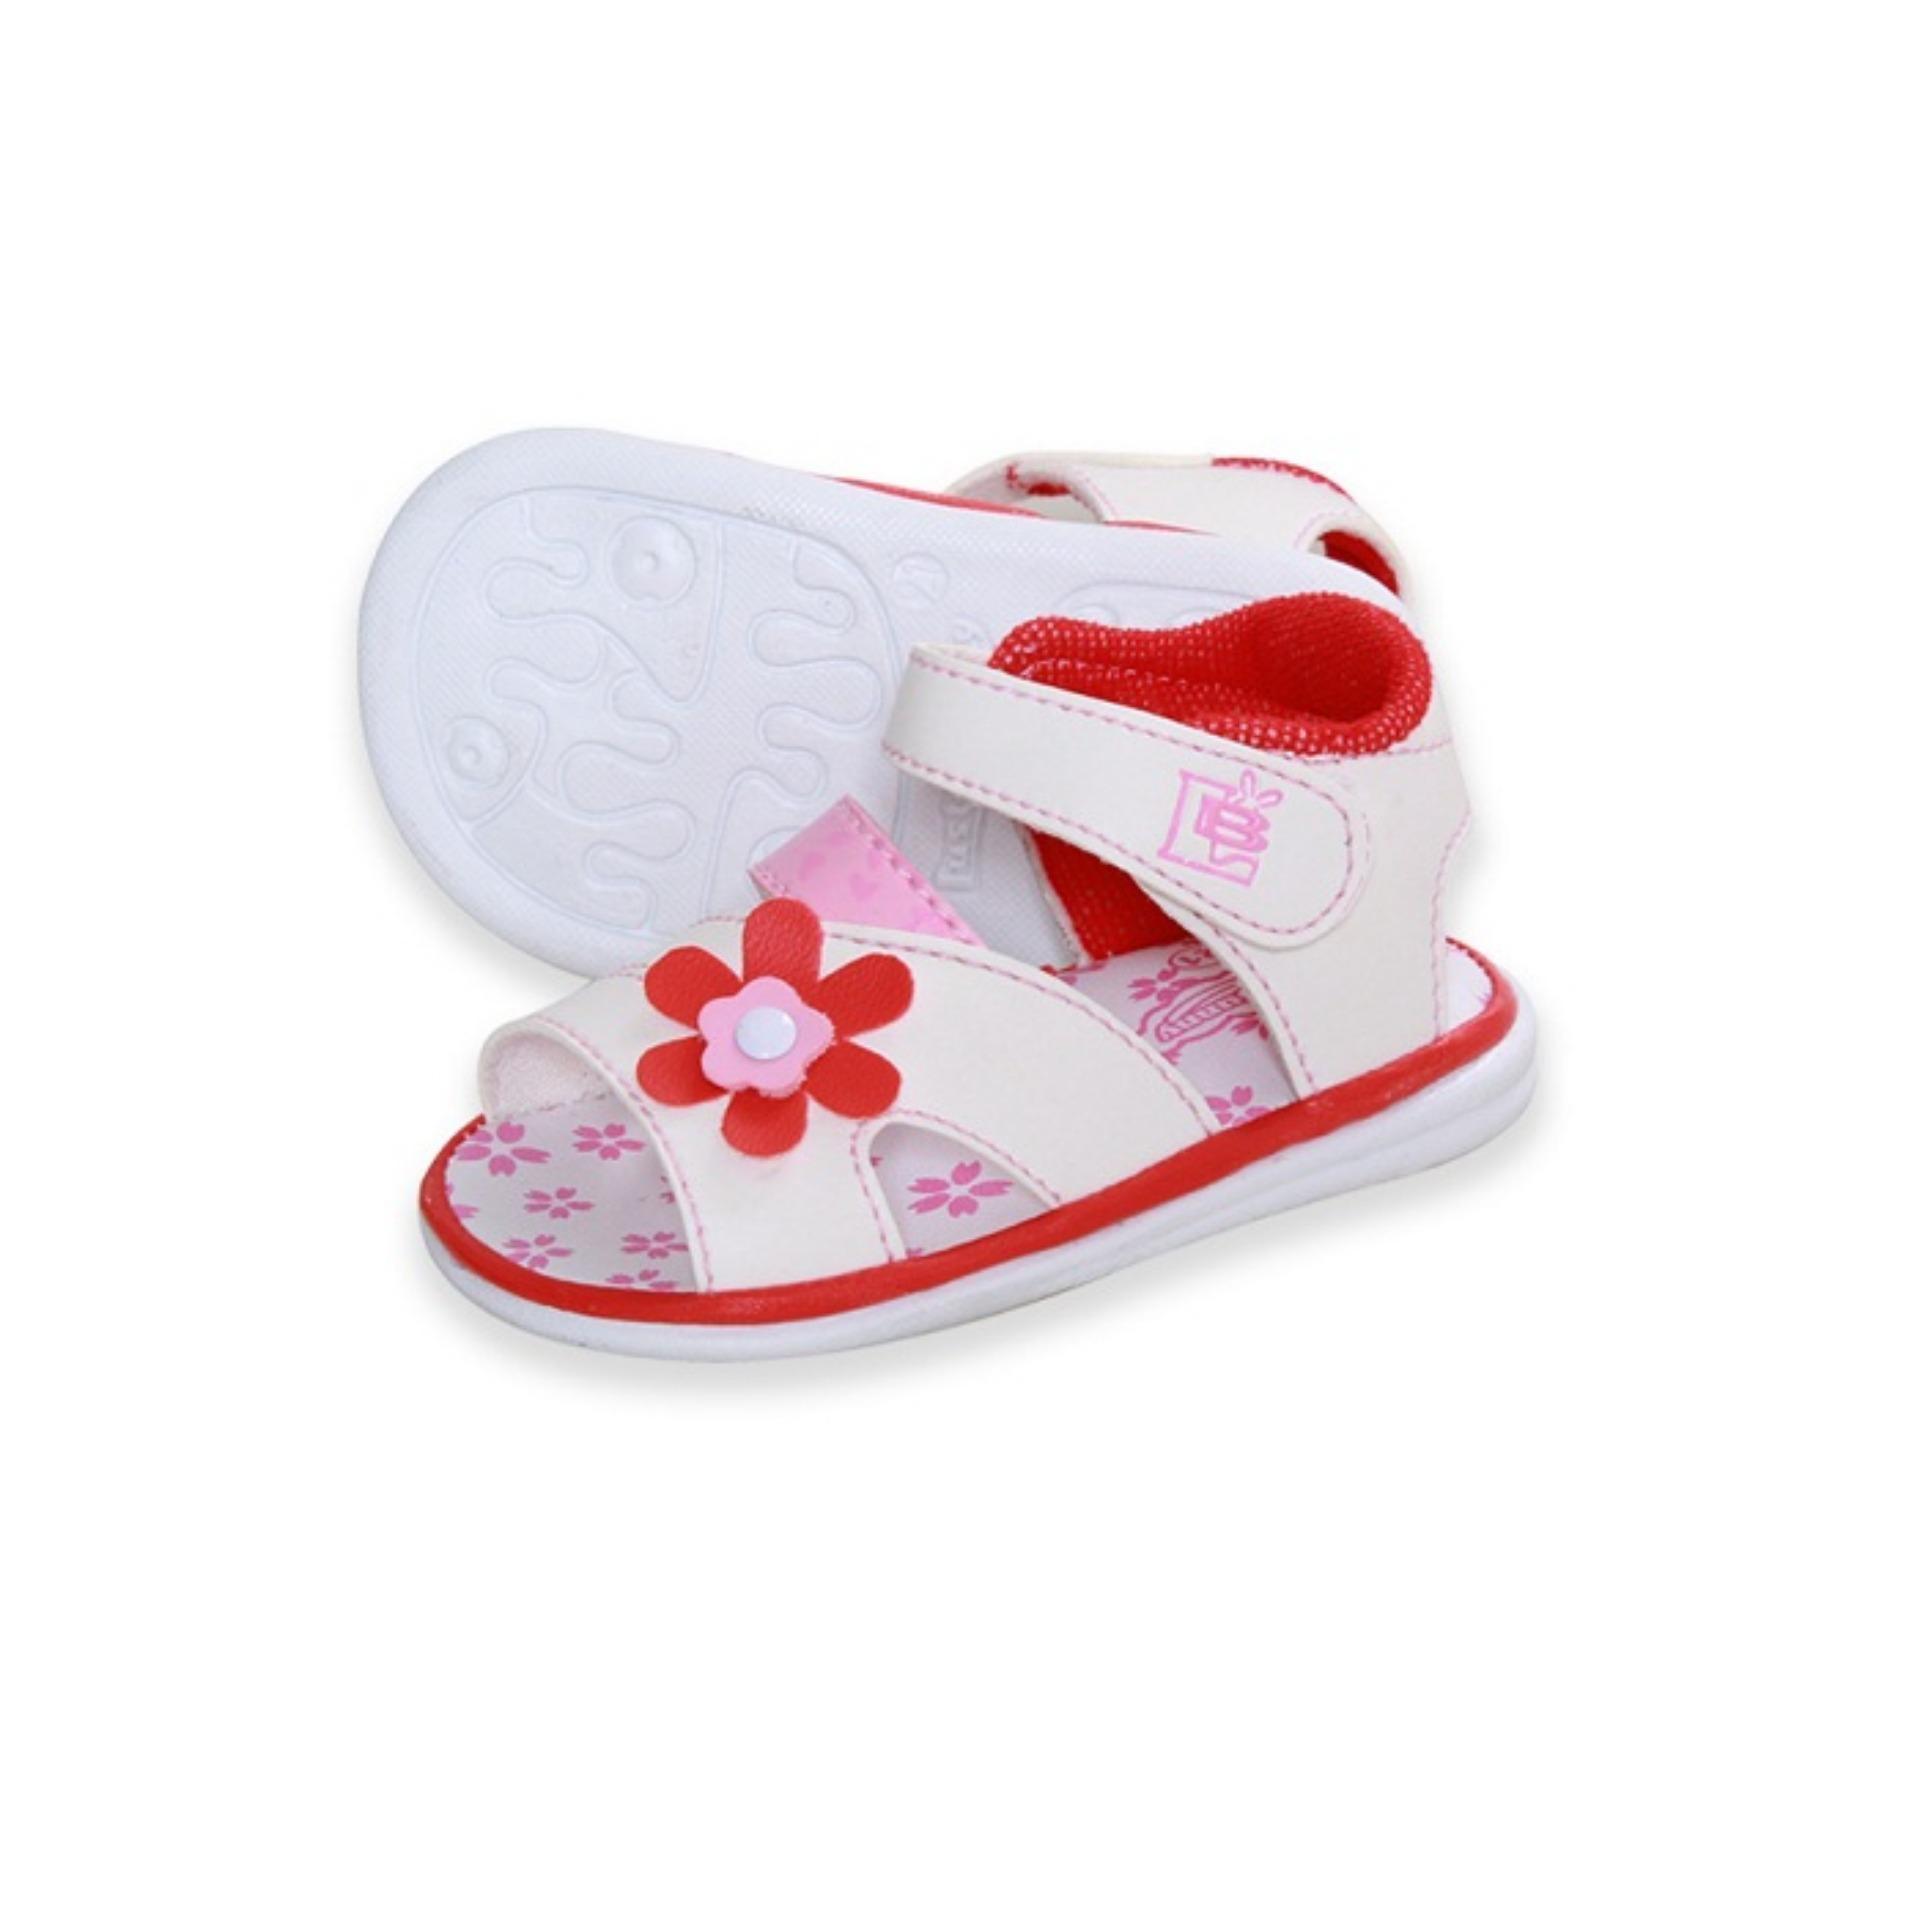 Lustybunny Plate Set Putih Daftar Harga Terkini Termurah Dan Lusty Bunny Perlengkapan Makan Bayi Tableware Code Lb 1353 Biru Muda Baby Shoes Big Flower